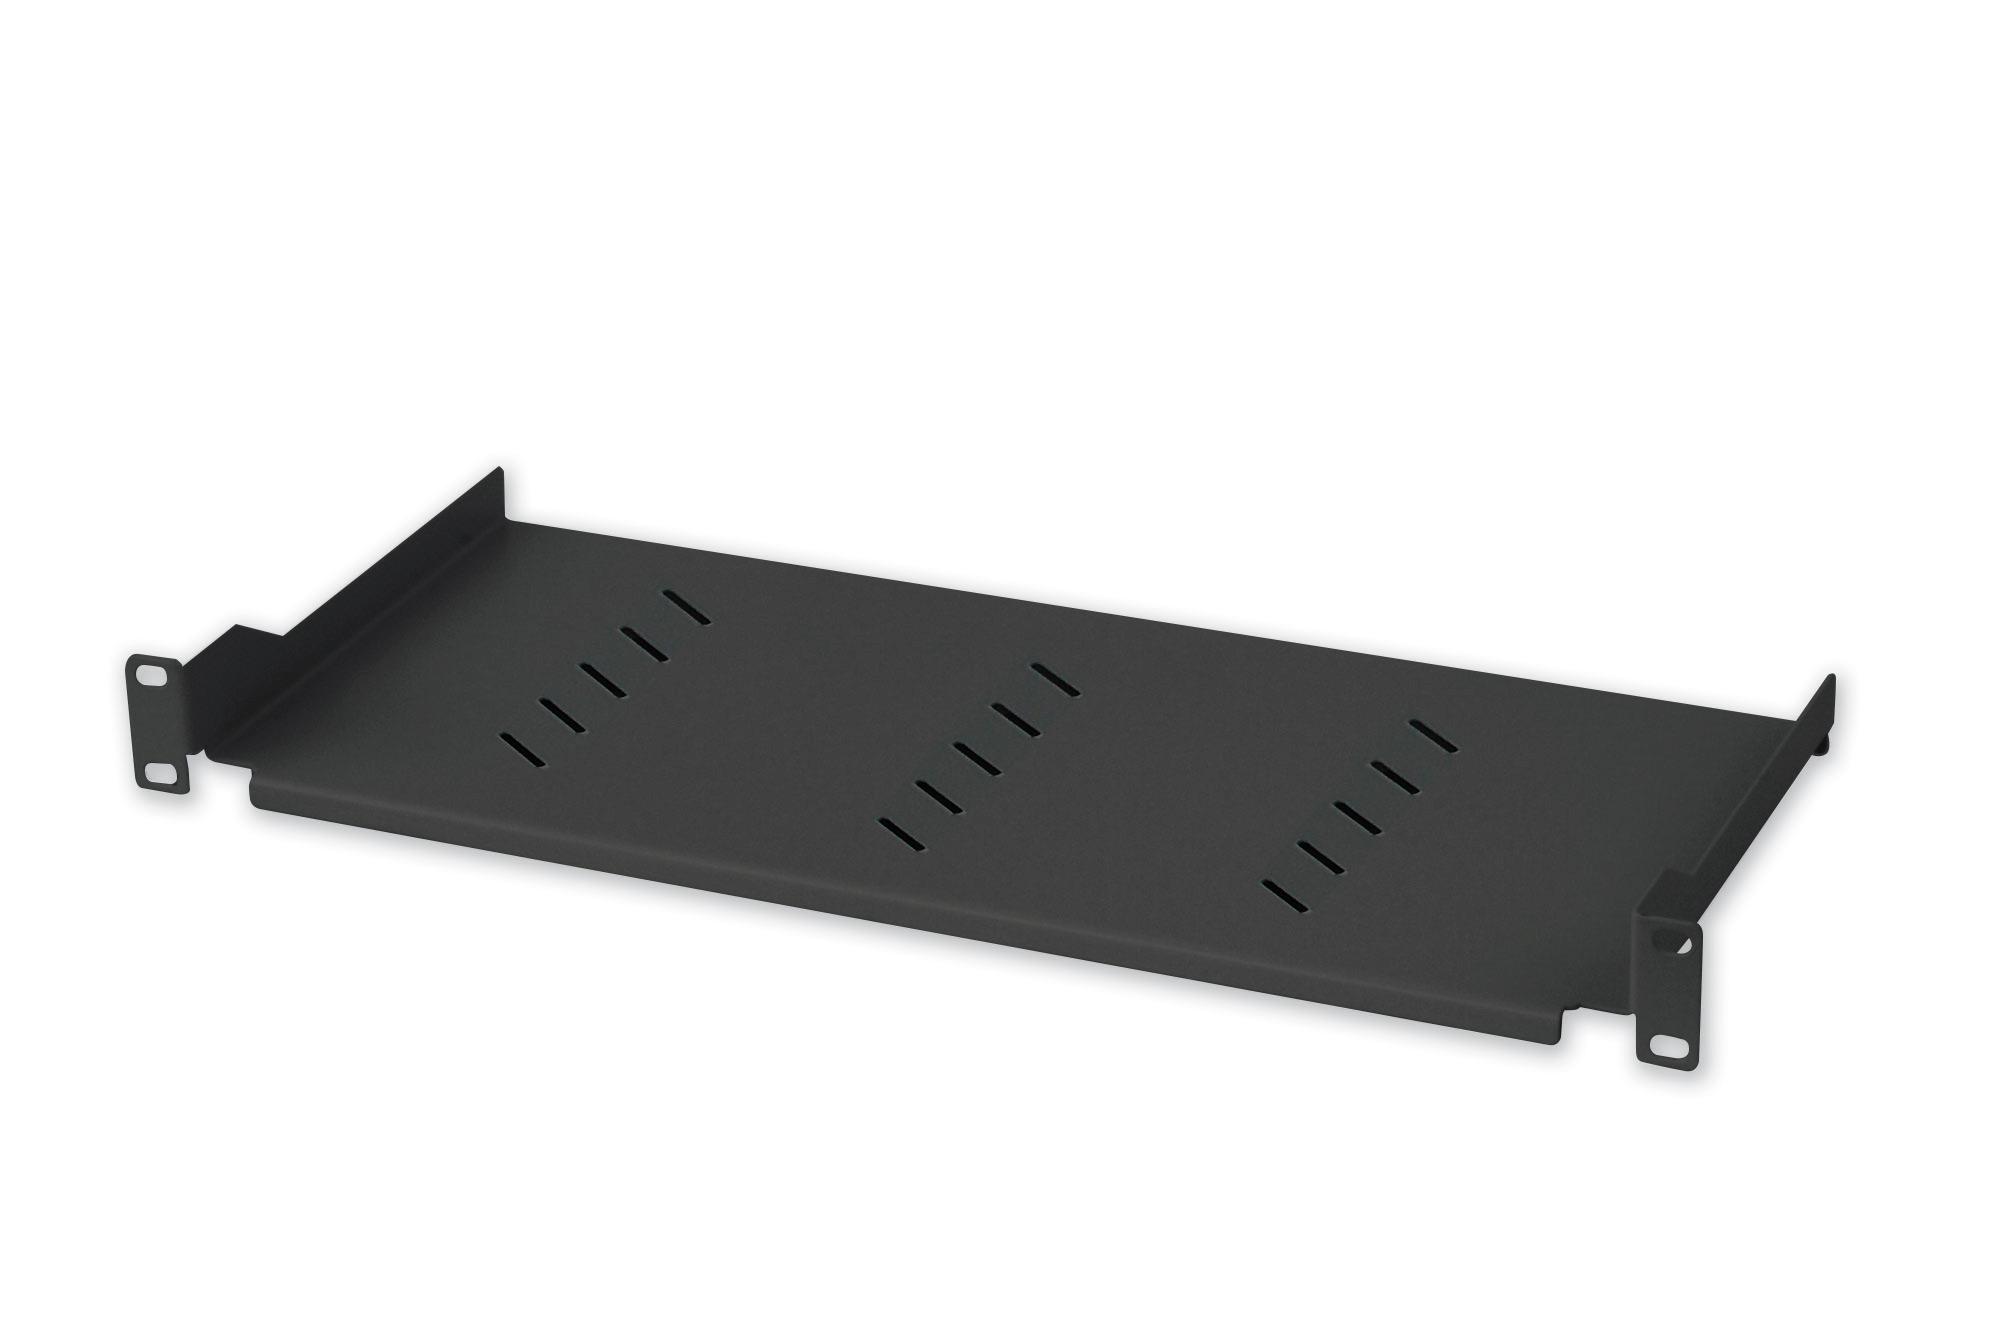 rack shelf 19 150 mm 1u 2 points